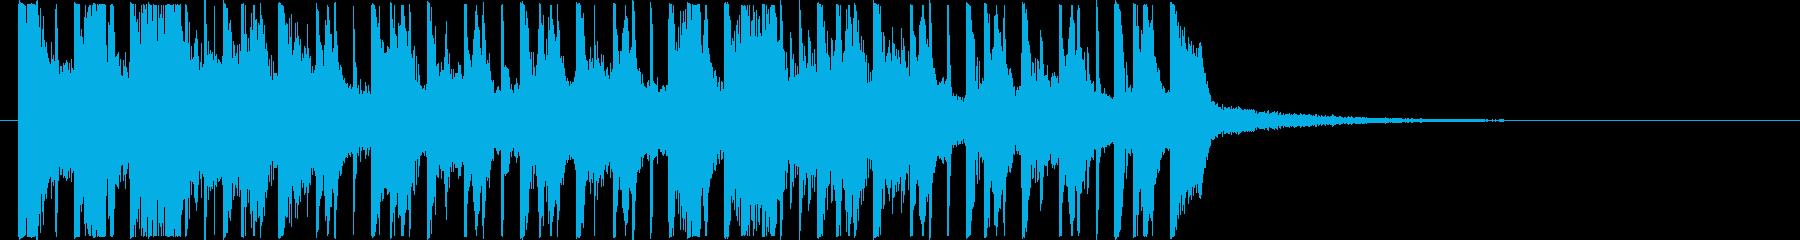 艶やかな踊り子が舞うようなレゲトンBGMの再生済みの波形